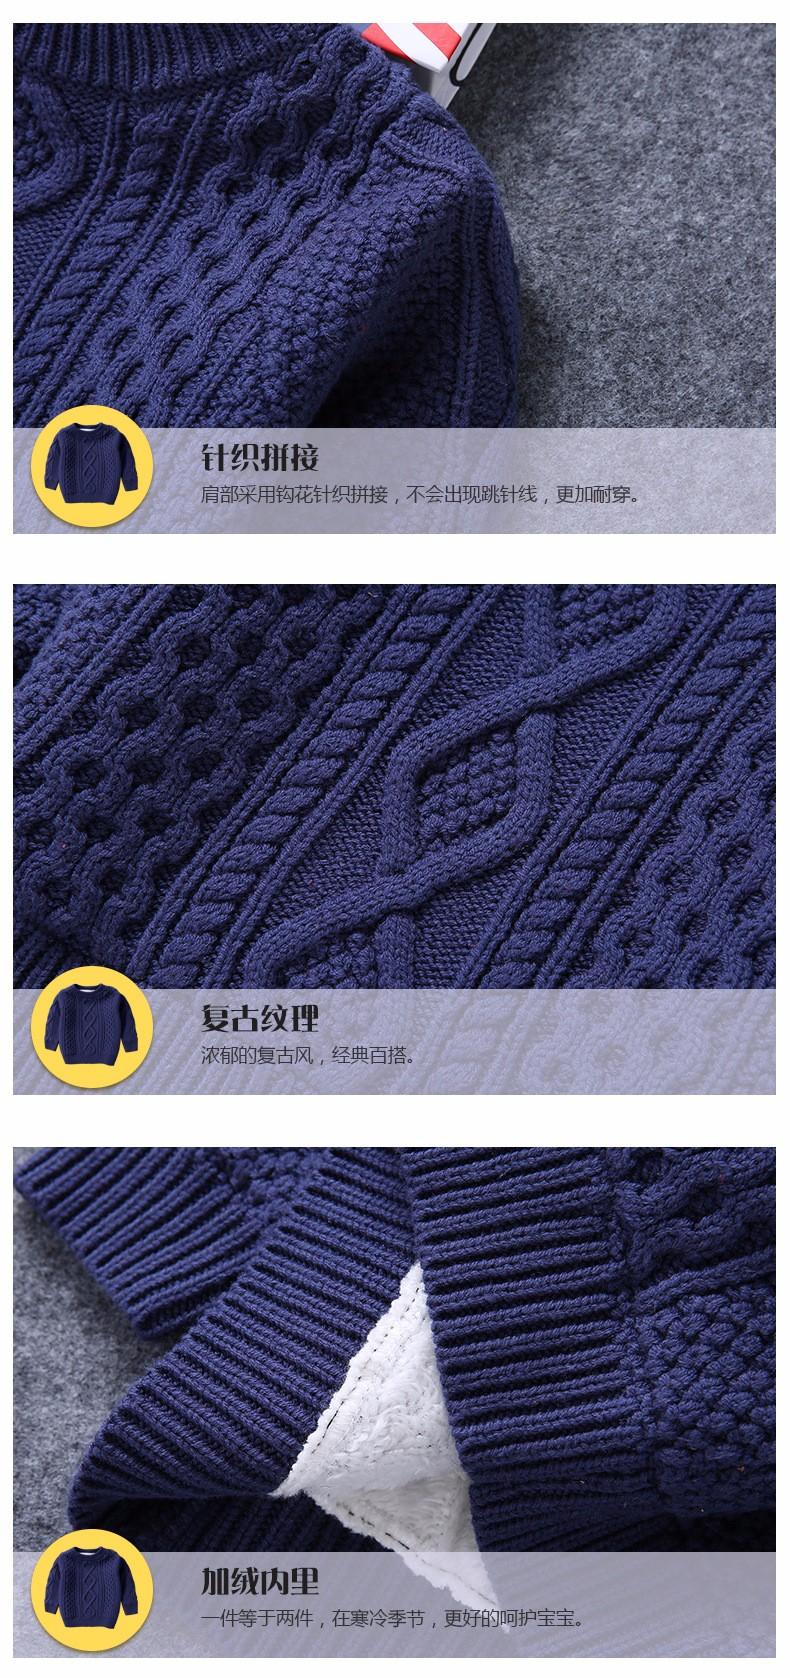 ребенок 2018 плюс бархат утолщение свитер мужской свитер с круглым вырезом витая сплошной цвет пуловер свитер